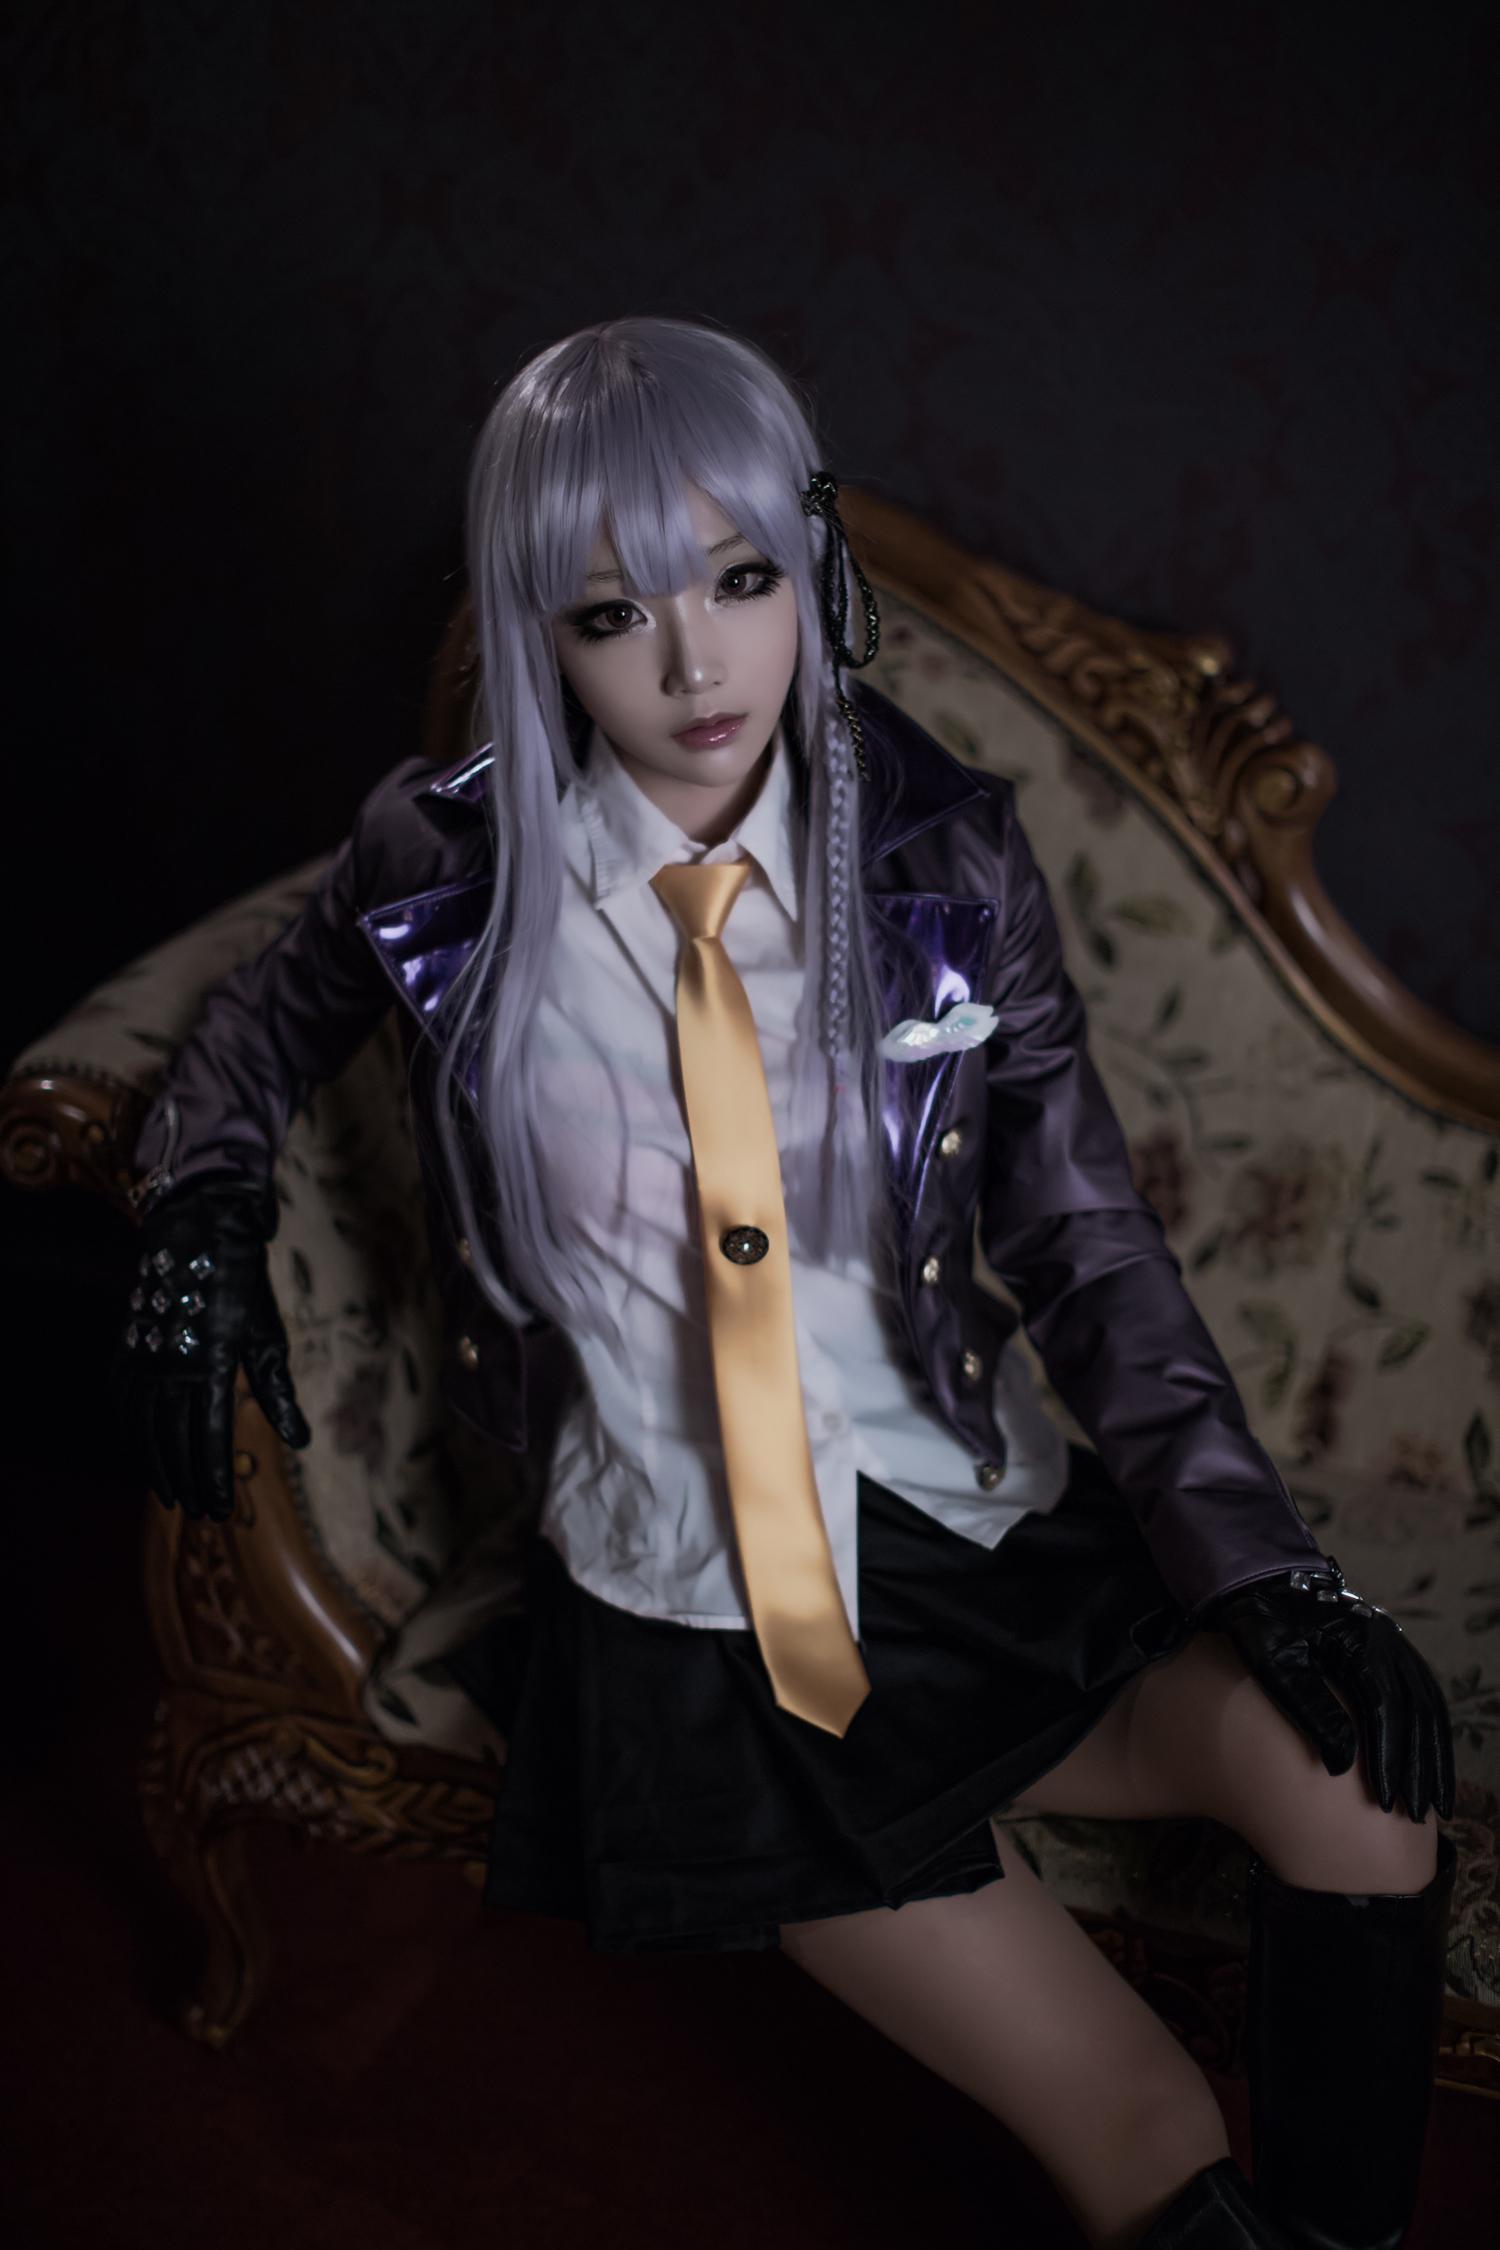 Classy Kyouko Kirigiri Cosplay by Aza Miyuko haruhichan.com Danganronpa Kibou no Gakuen to Zetsubou no Koukousei Kyouko Kirigiri cosplay 02